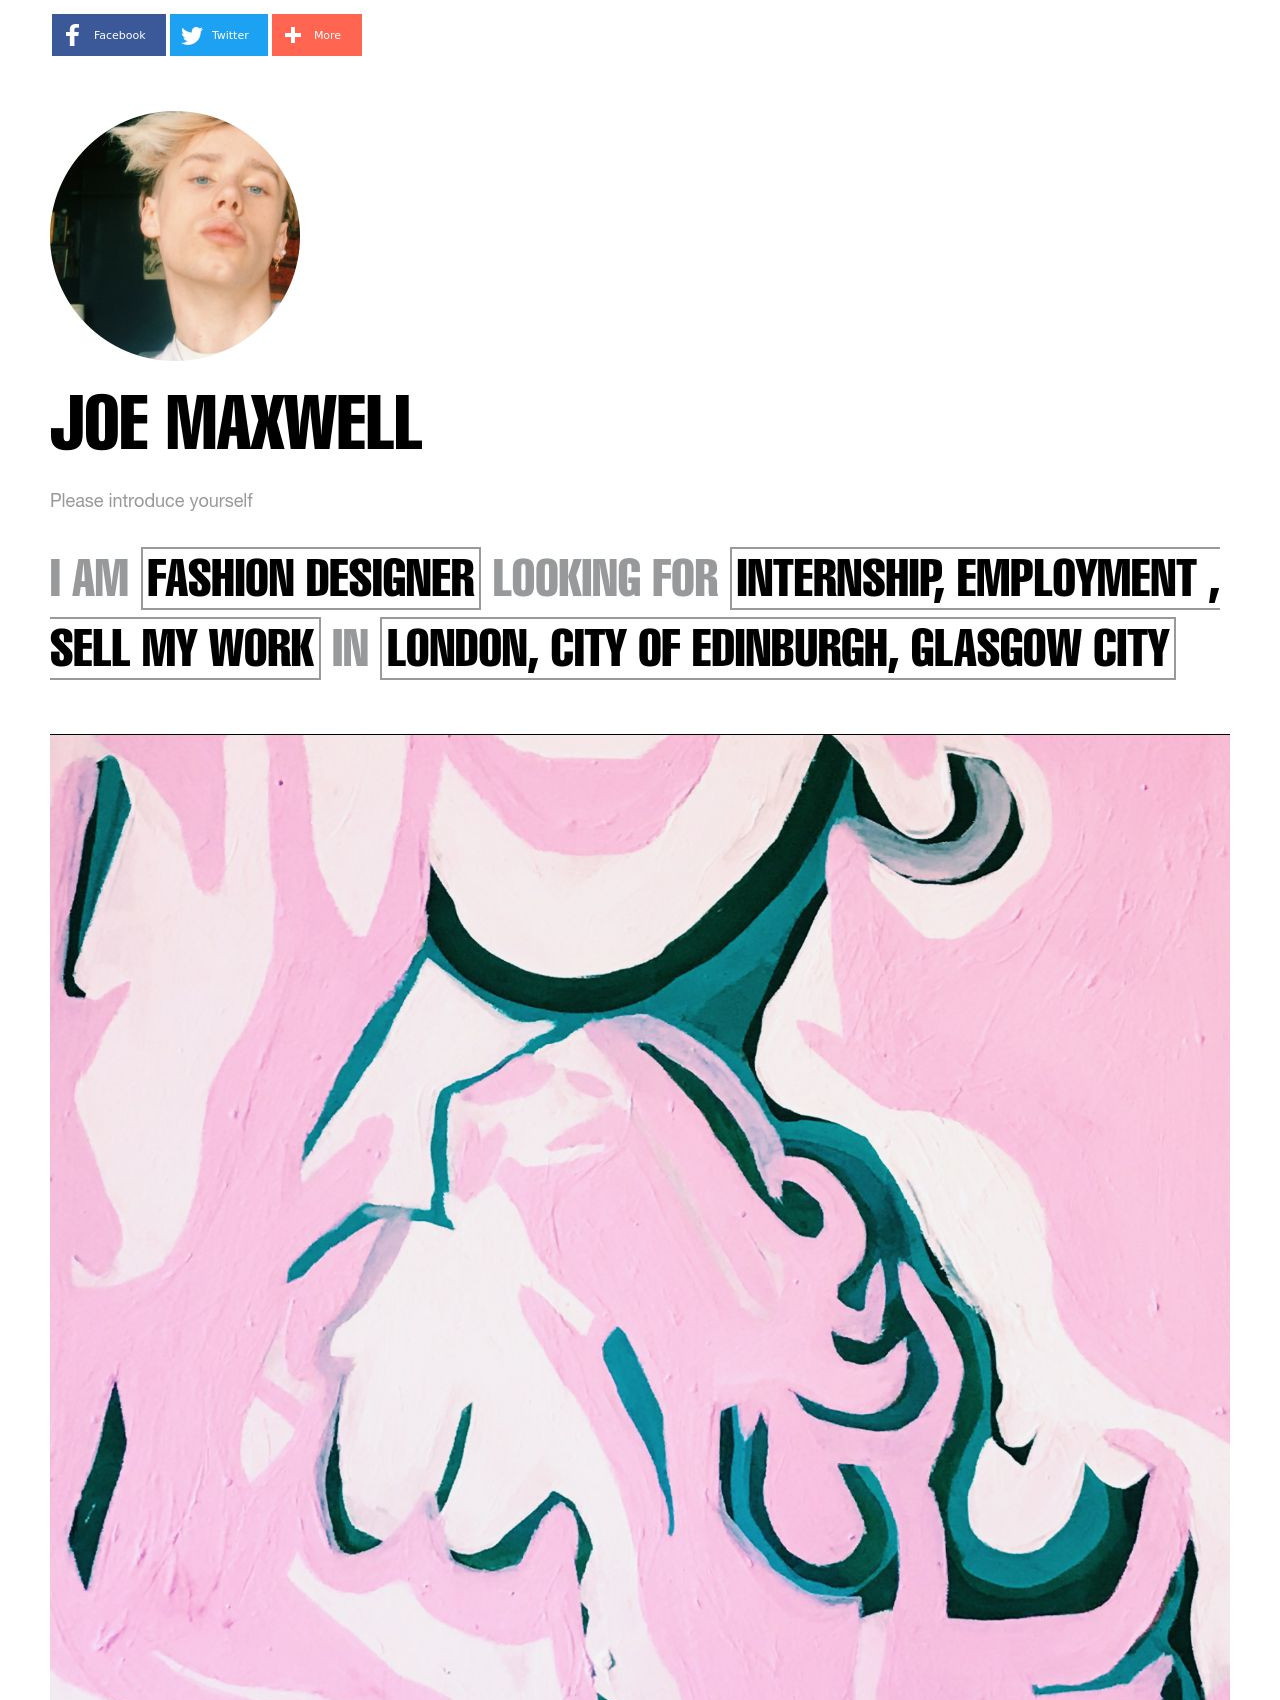 Joe Maxwell